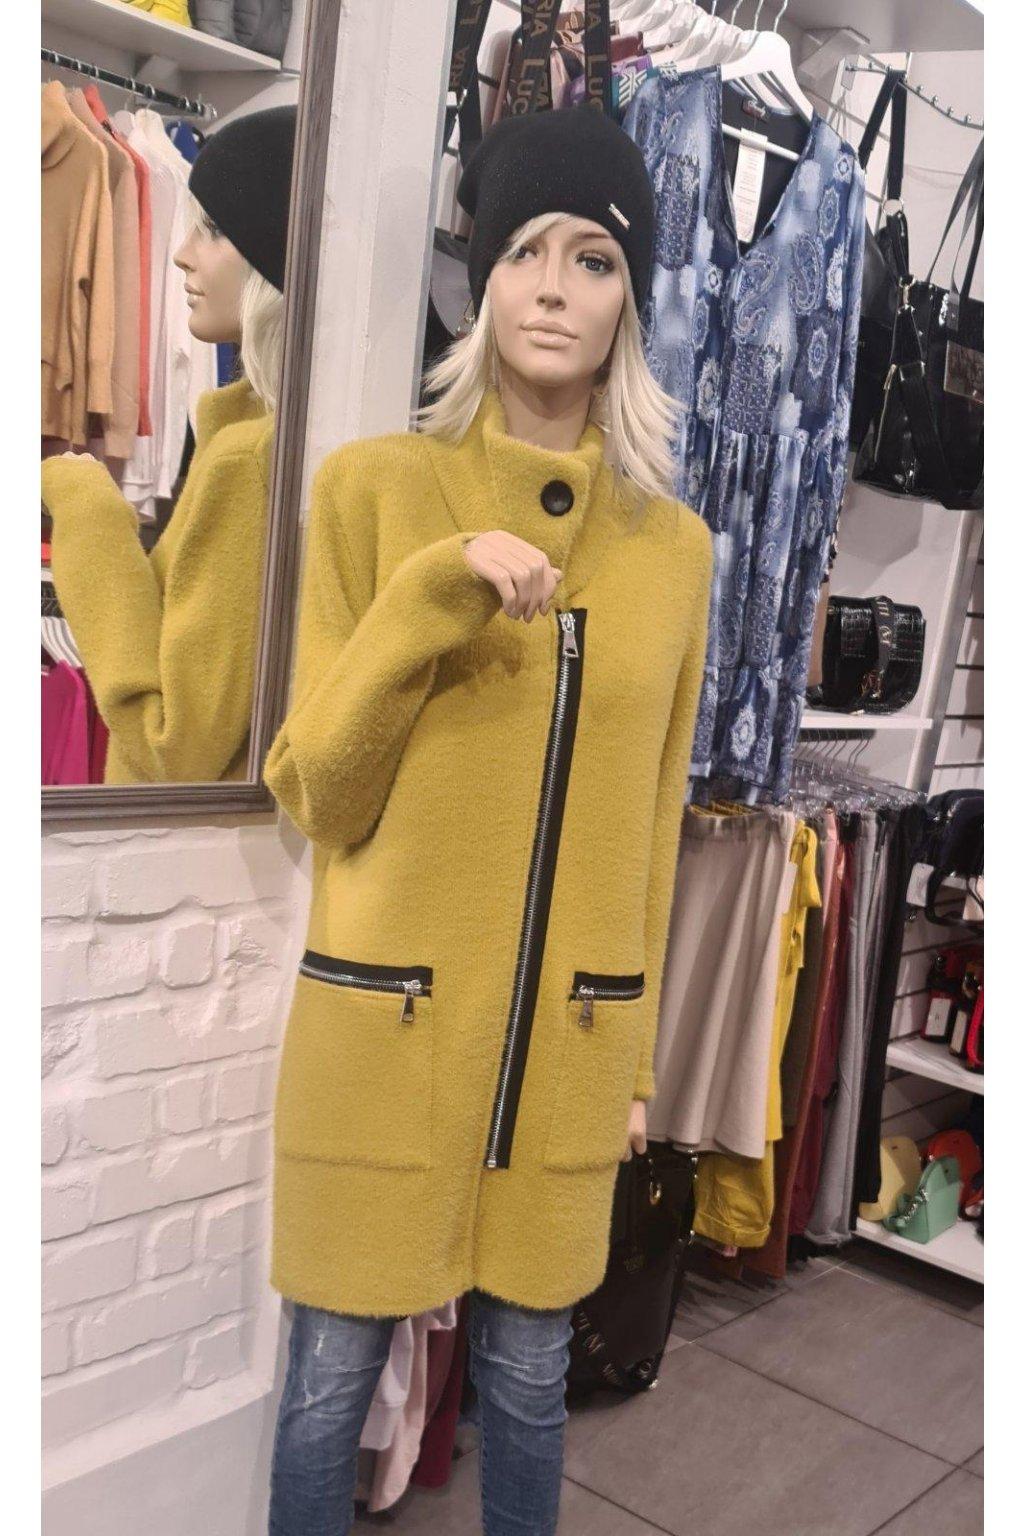 kabát žlutý dlouhý